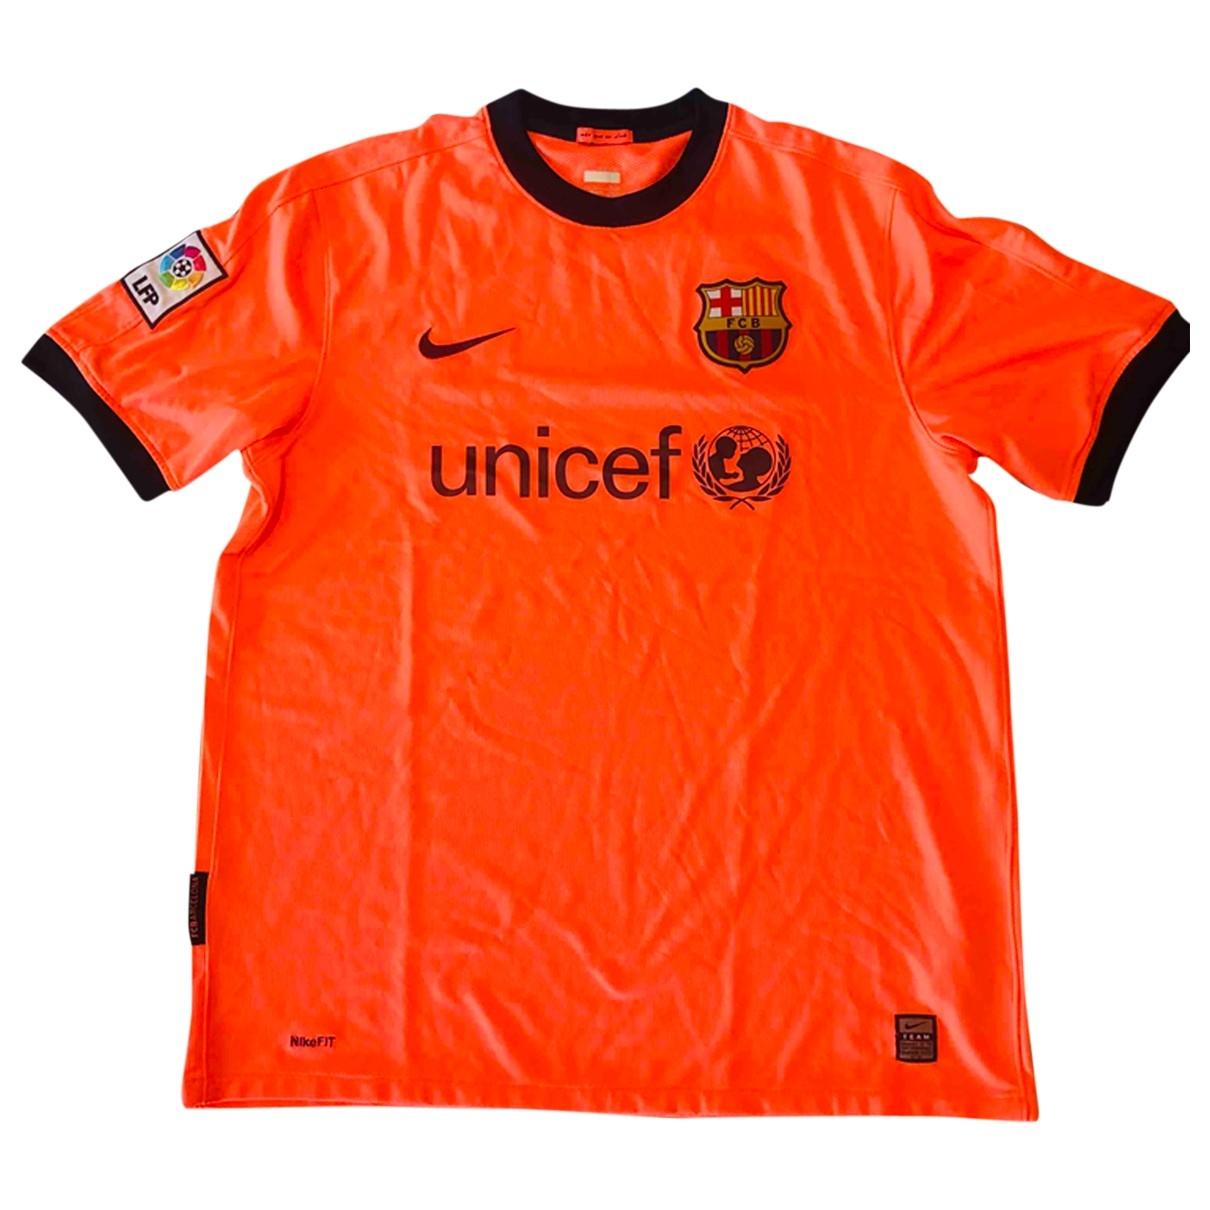 Nike - Tee shirts   pour homme - orange